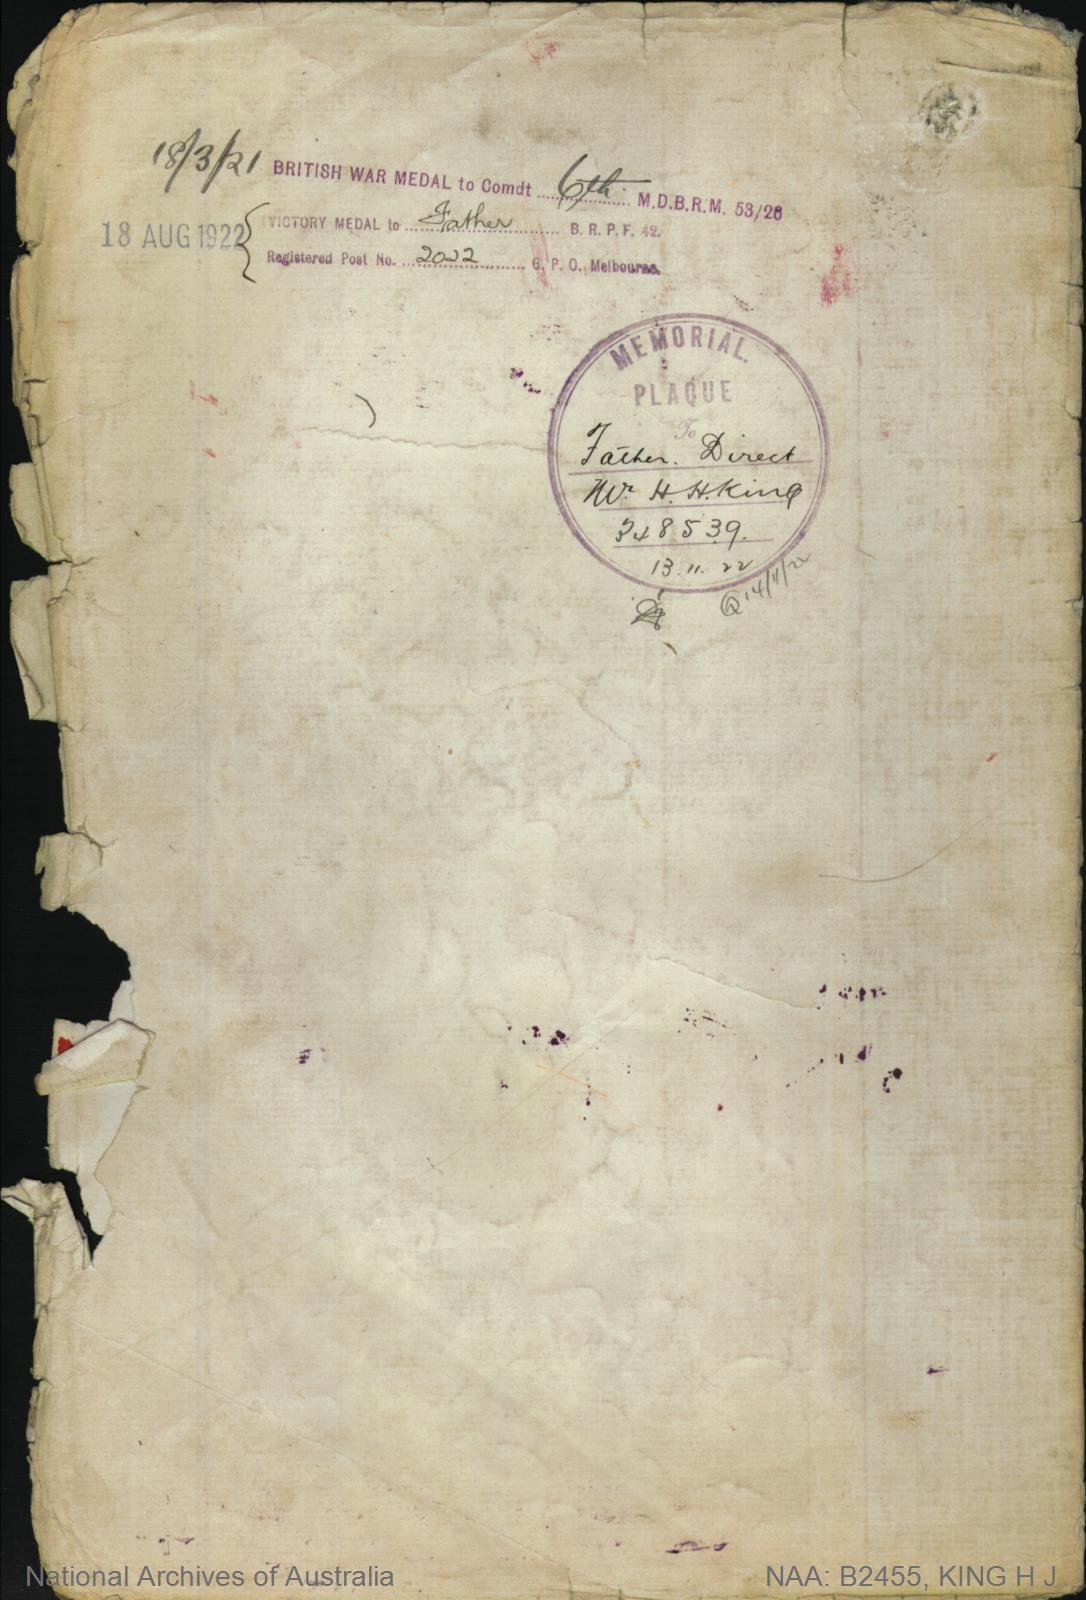 King Henry James : SERN 457 : POB Penguin TAS : POE Pontville TAS : NOK M King